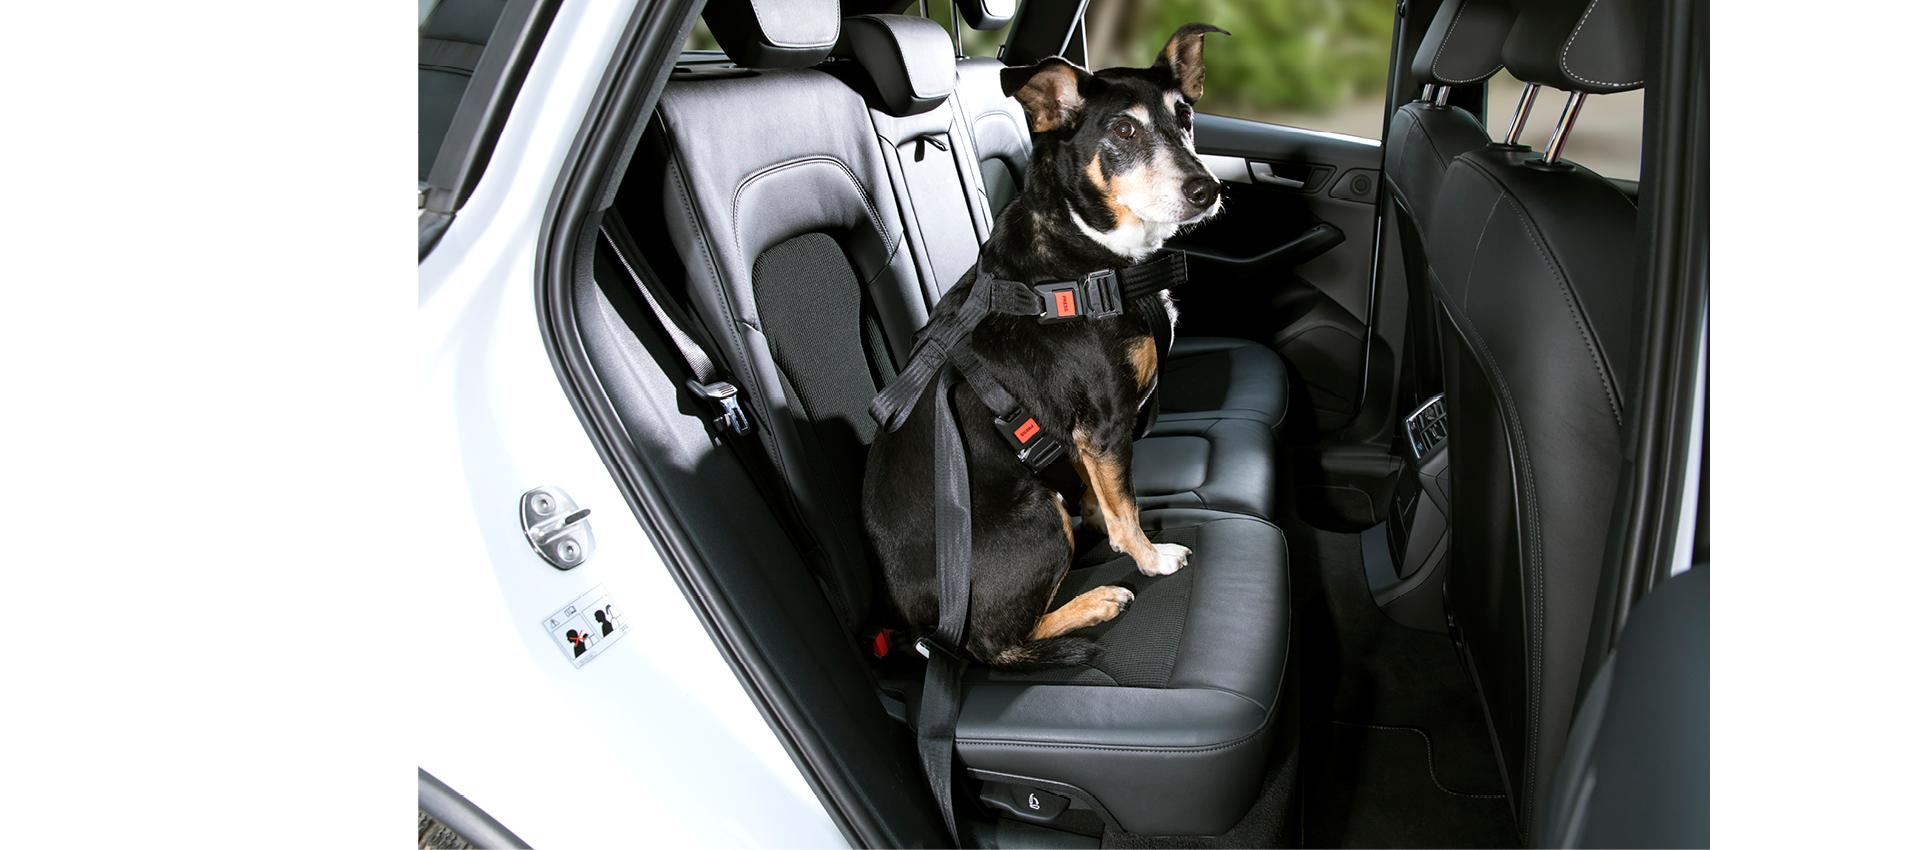 DoggySafe - Hunde Sicherheitsgurt Set anpassbar für größere Hunde (Rückbank)